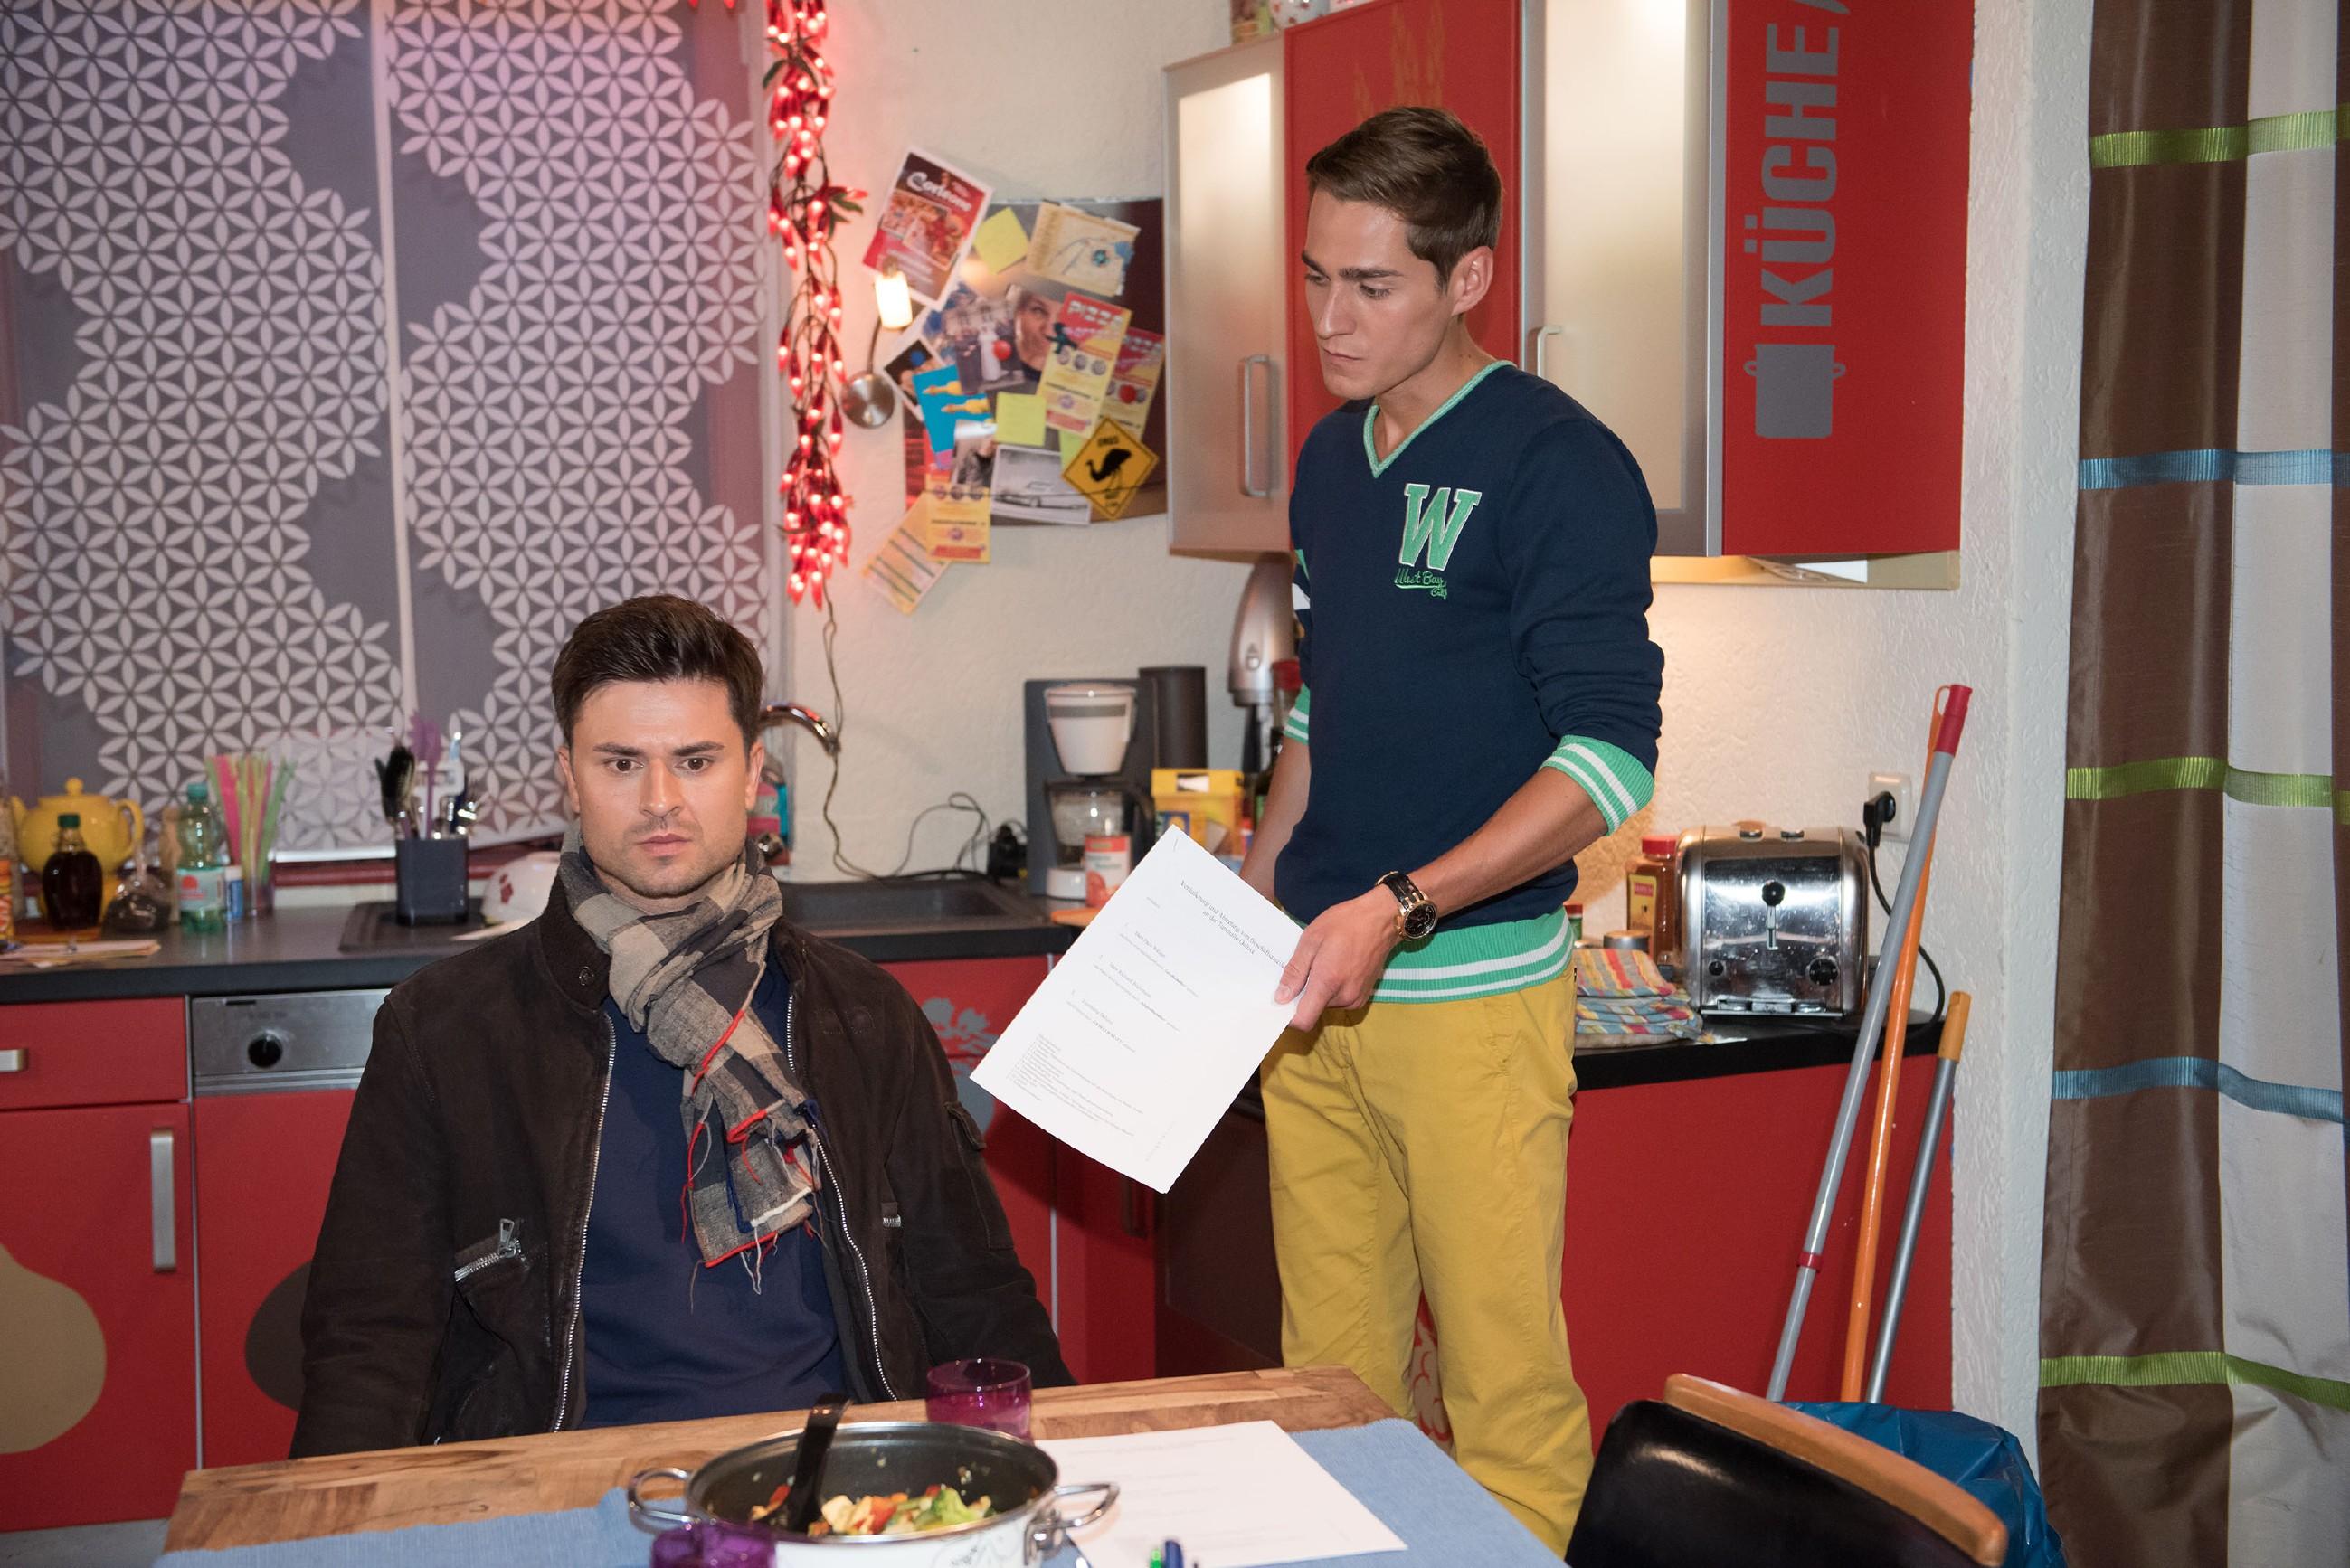 Der Streit zwischen Paco (Milos Vukovic, l.) und Ringo (Timothy Boldt) eskaliert. (Quelle: RTL / Stefan Behrens)